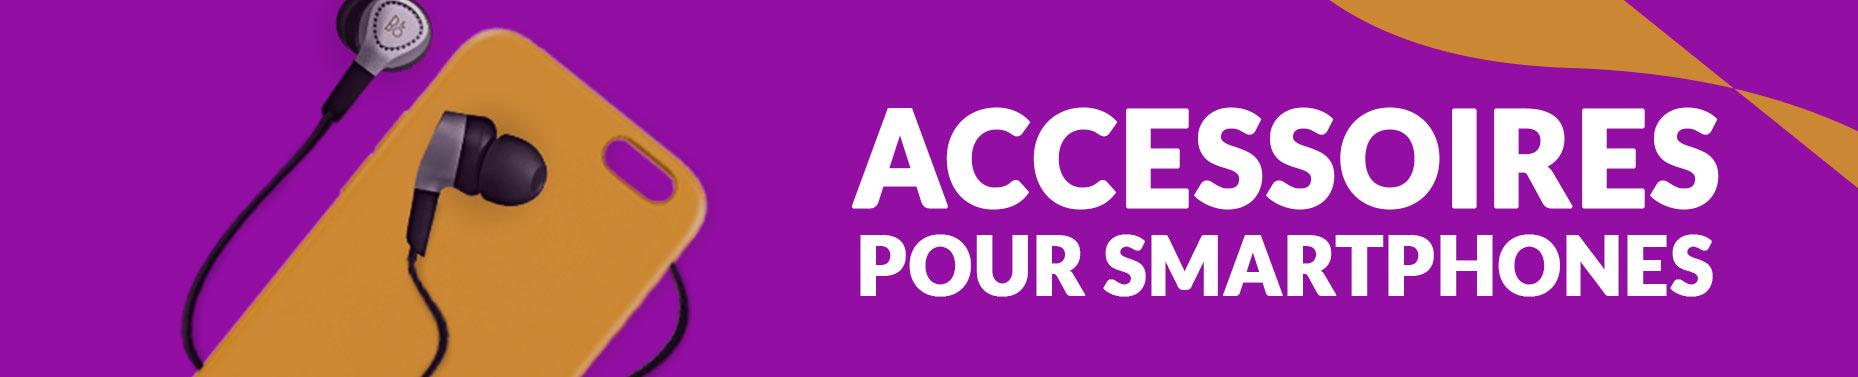 Tunisiatech.tn : Site de vente en ligne d'accessoires en Tunisie